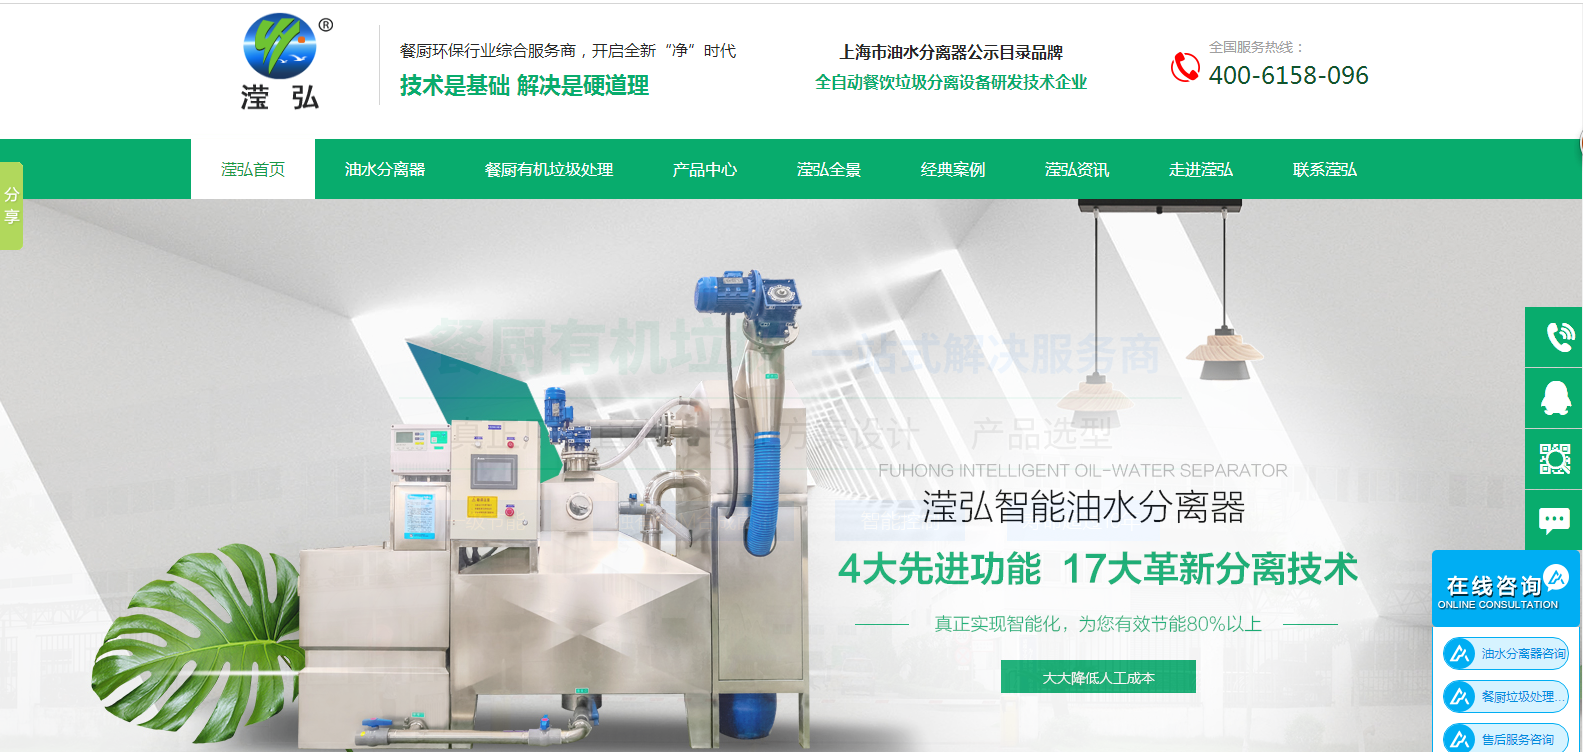 滢弘餐厨垃圾处理营销型网站